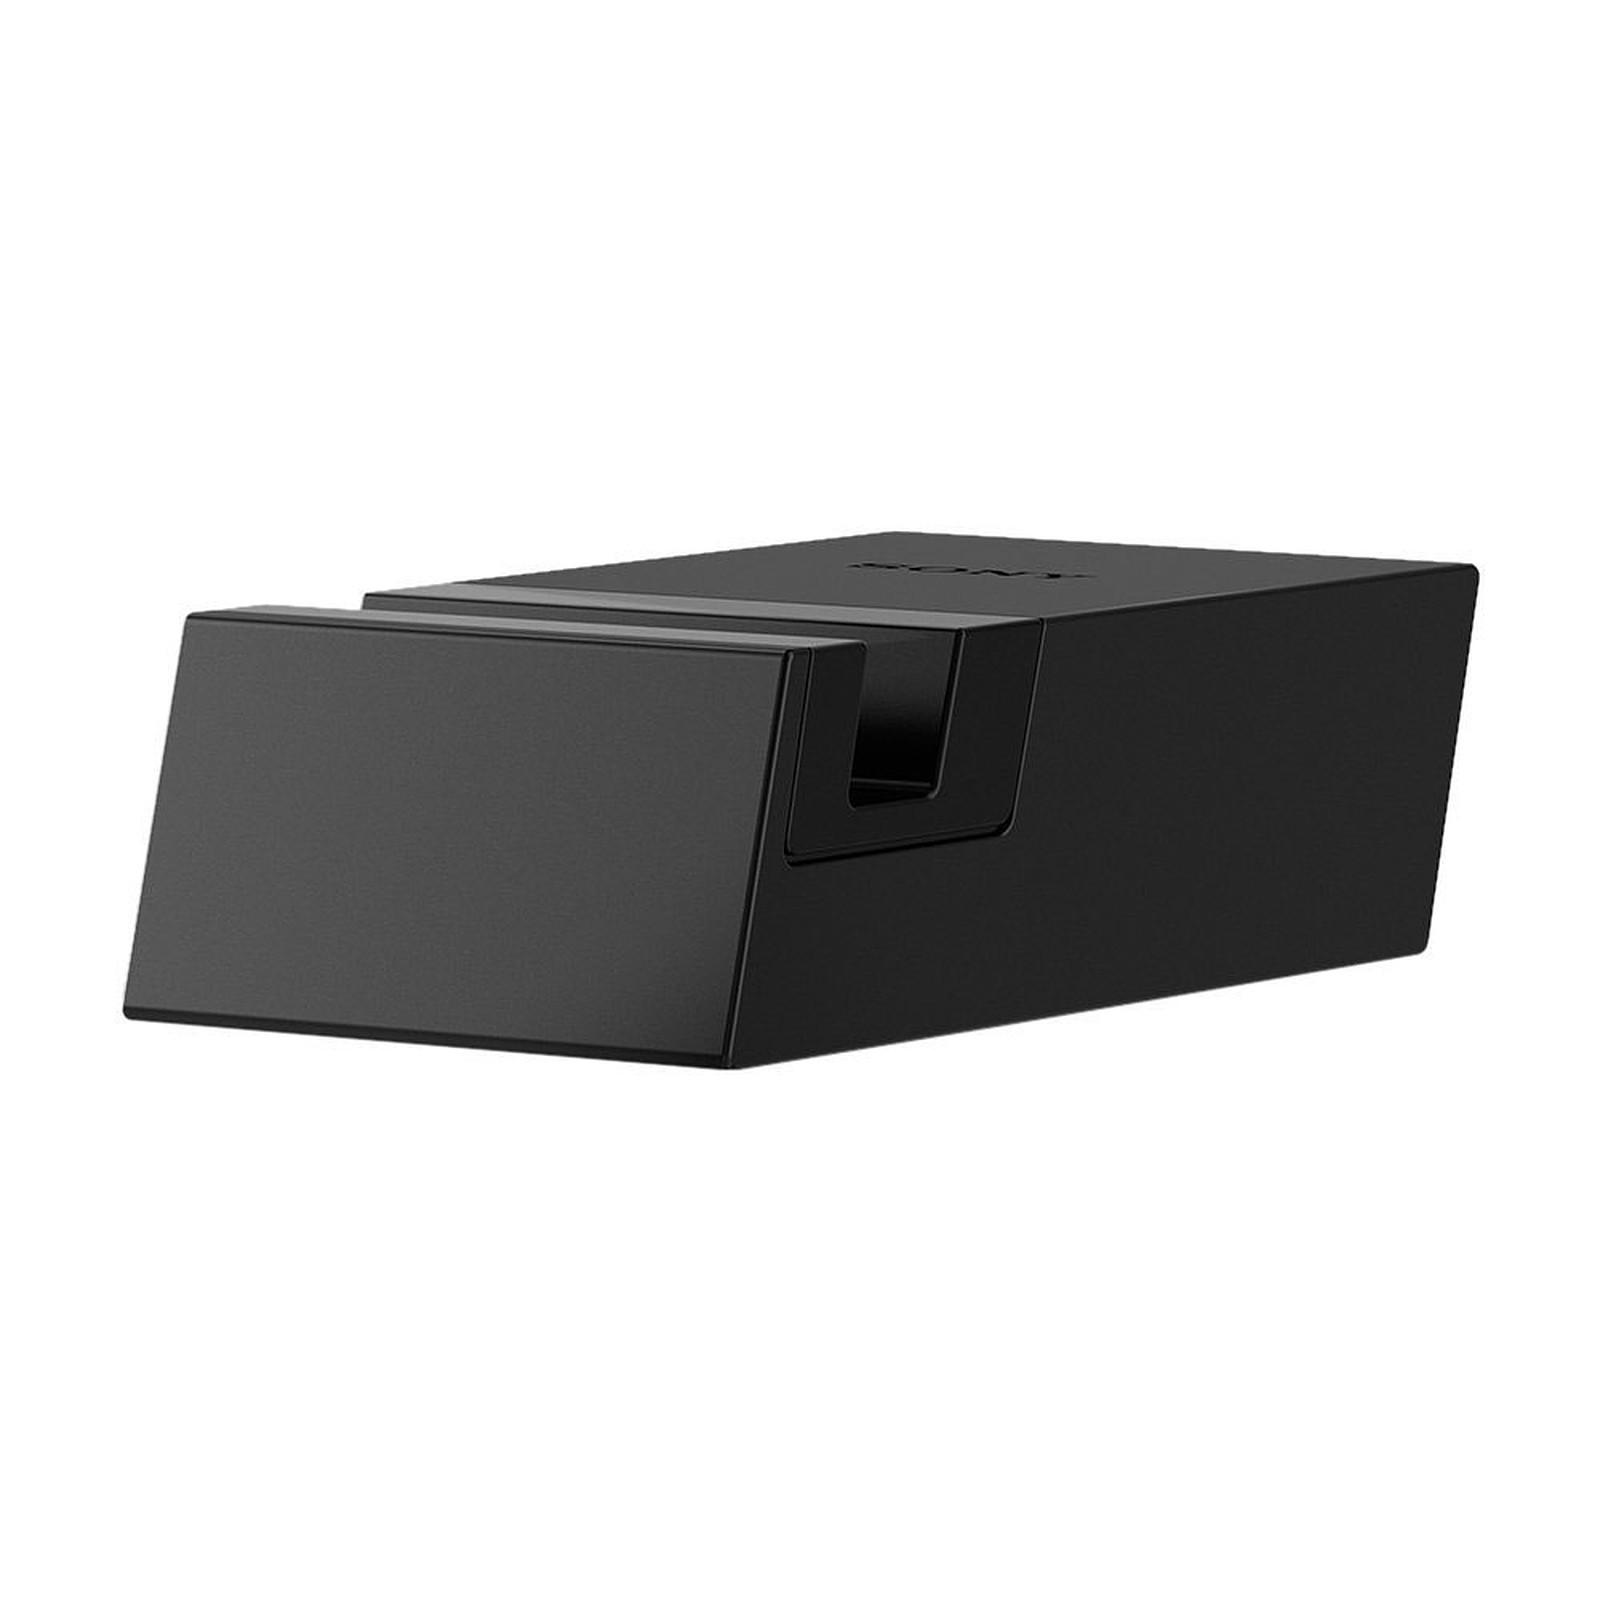 Sony Station de chargement DK52 Noire